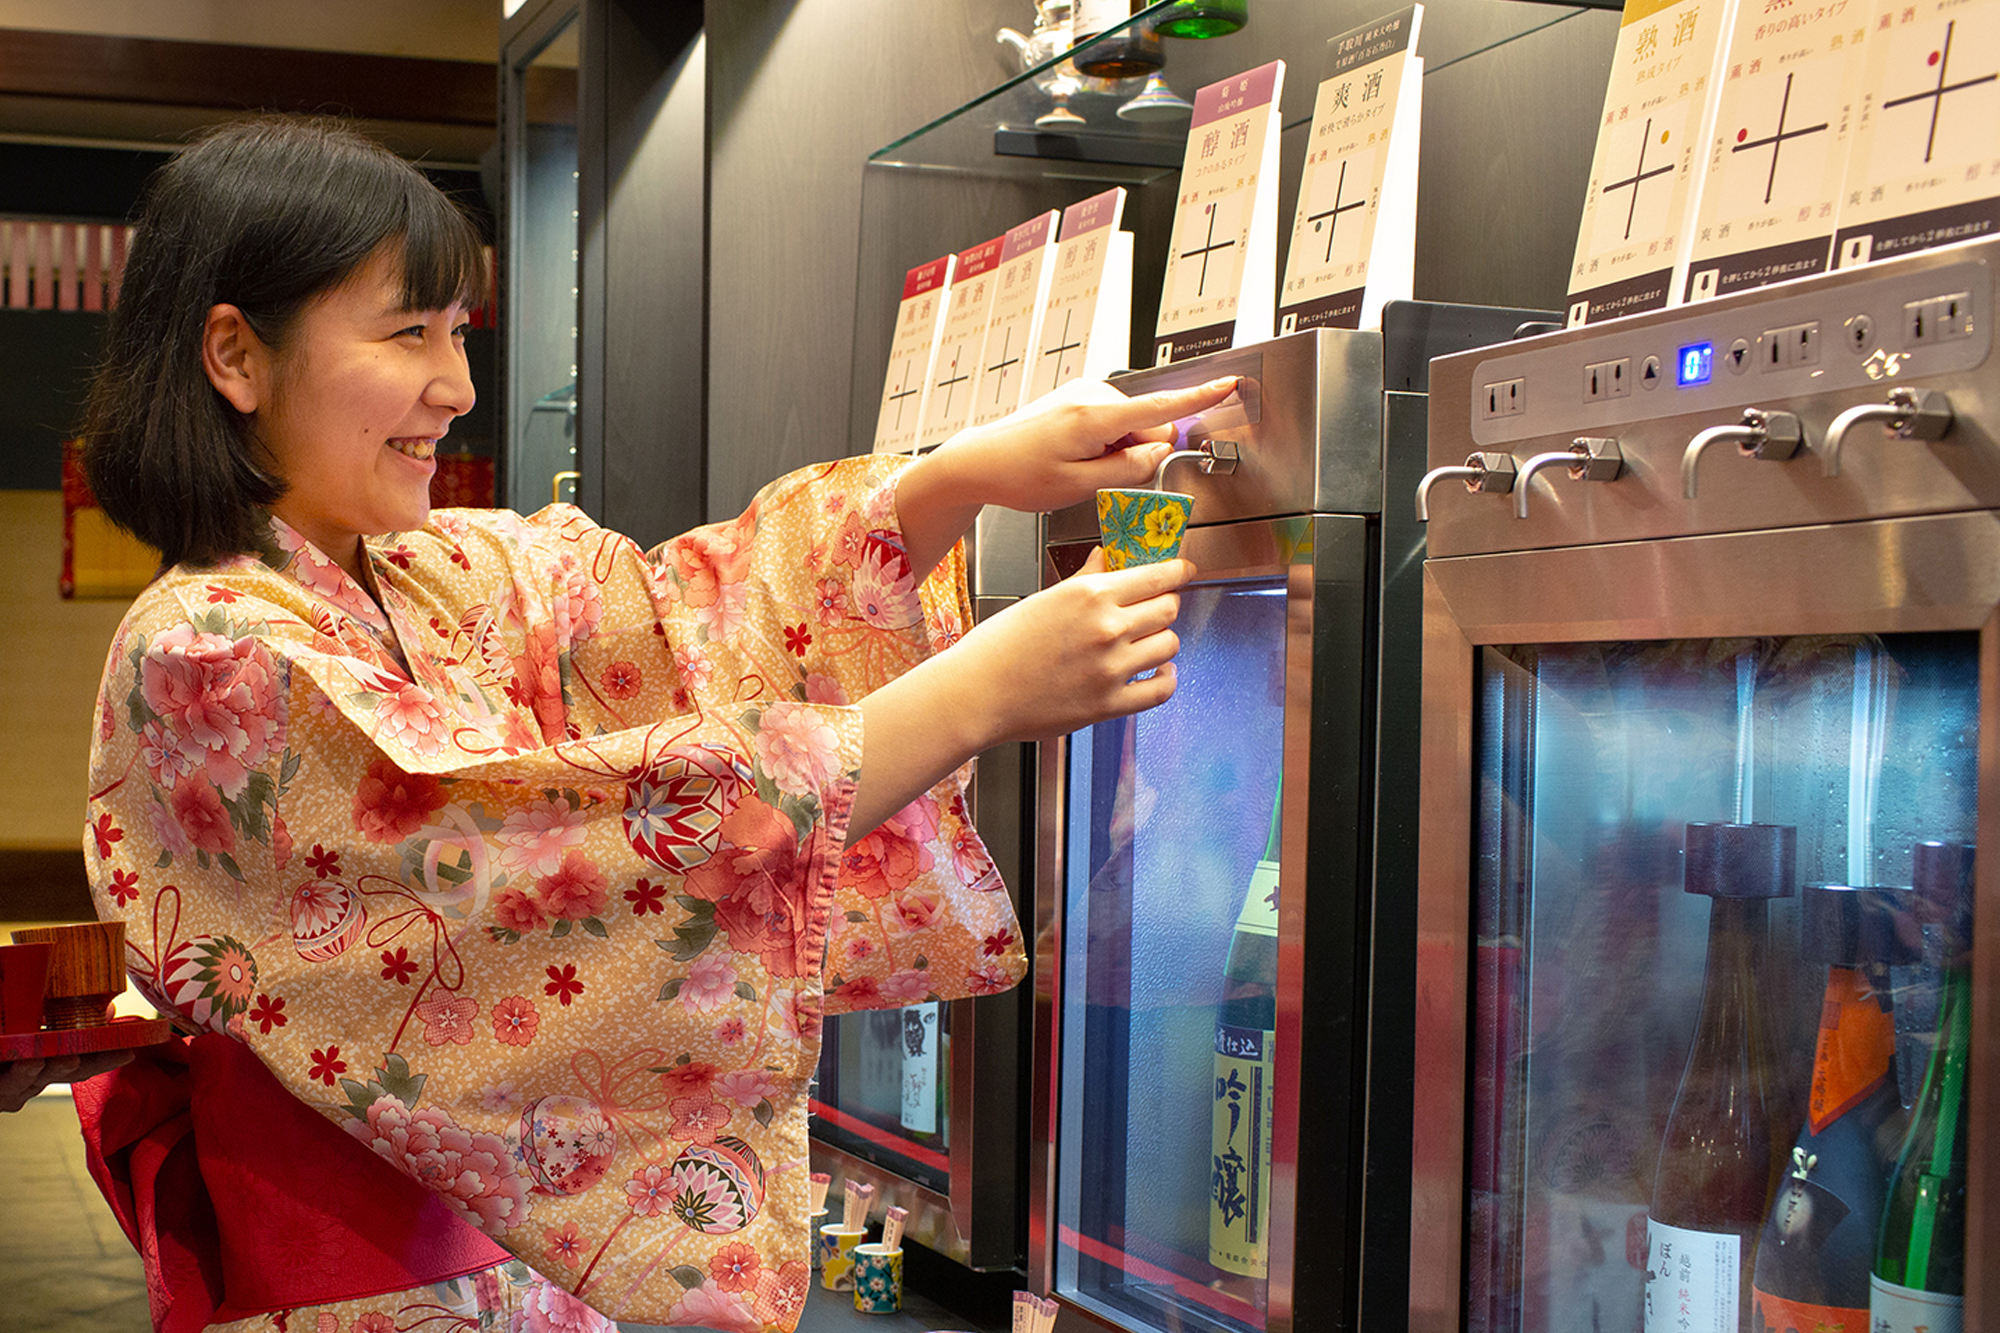 【石川県 山中温泉・吉祥やまなか】~北陸の地酒が勢揃い~ SAKE BAR「べに蔵」オープン!酒器を選んで、好みを巡り味わい愉しむ